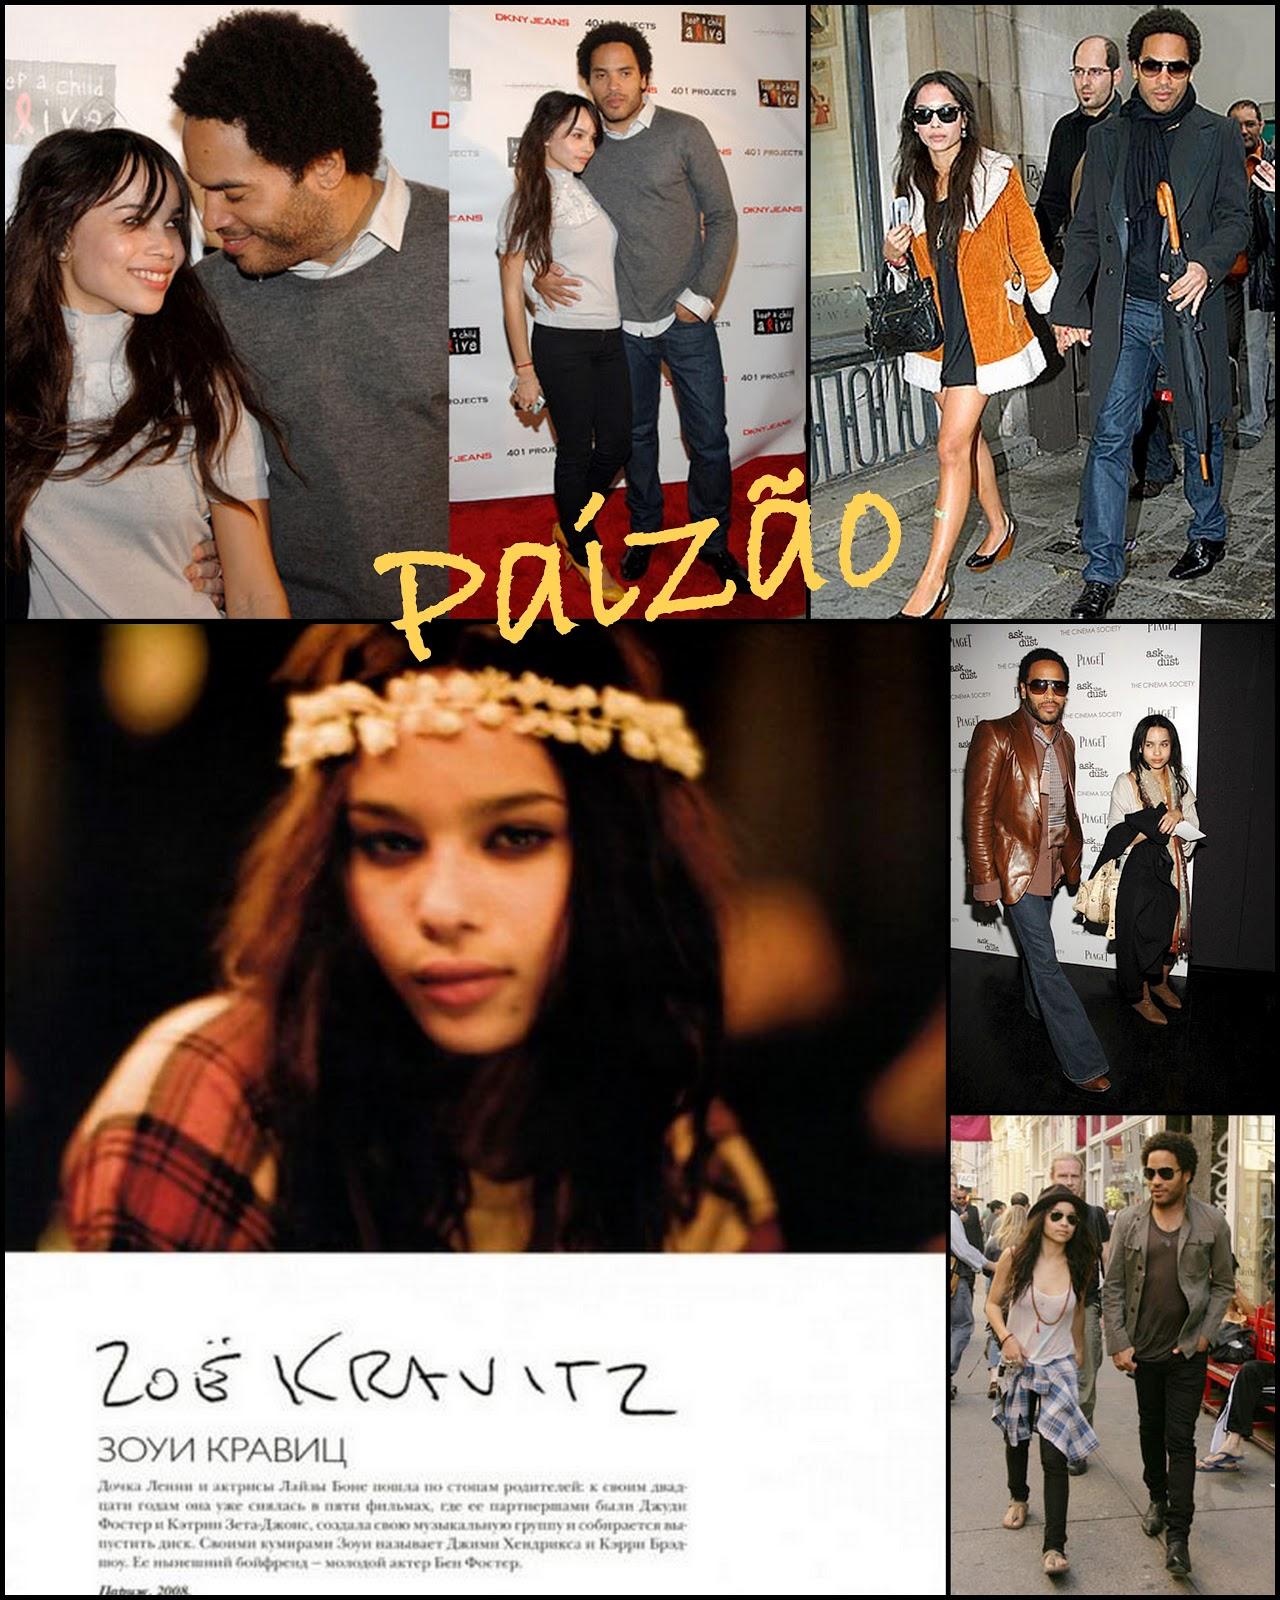 http://1.bp.blogspot.com/-SrqYehhYqRw/TiuZ7uAQi-I/AAAAAAAAFto/Z0h33-Gh8sU/s1600/lenny11.jpg